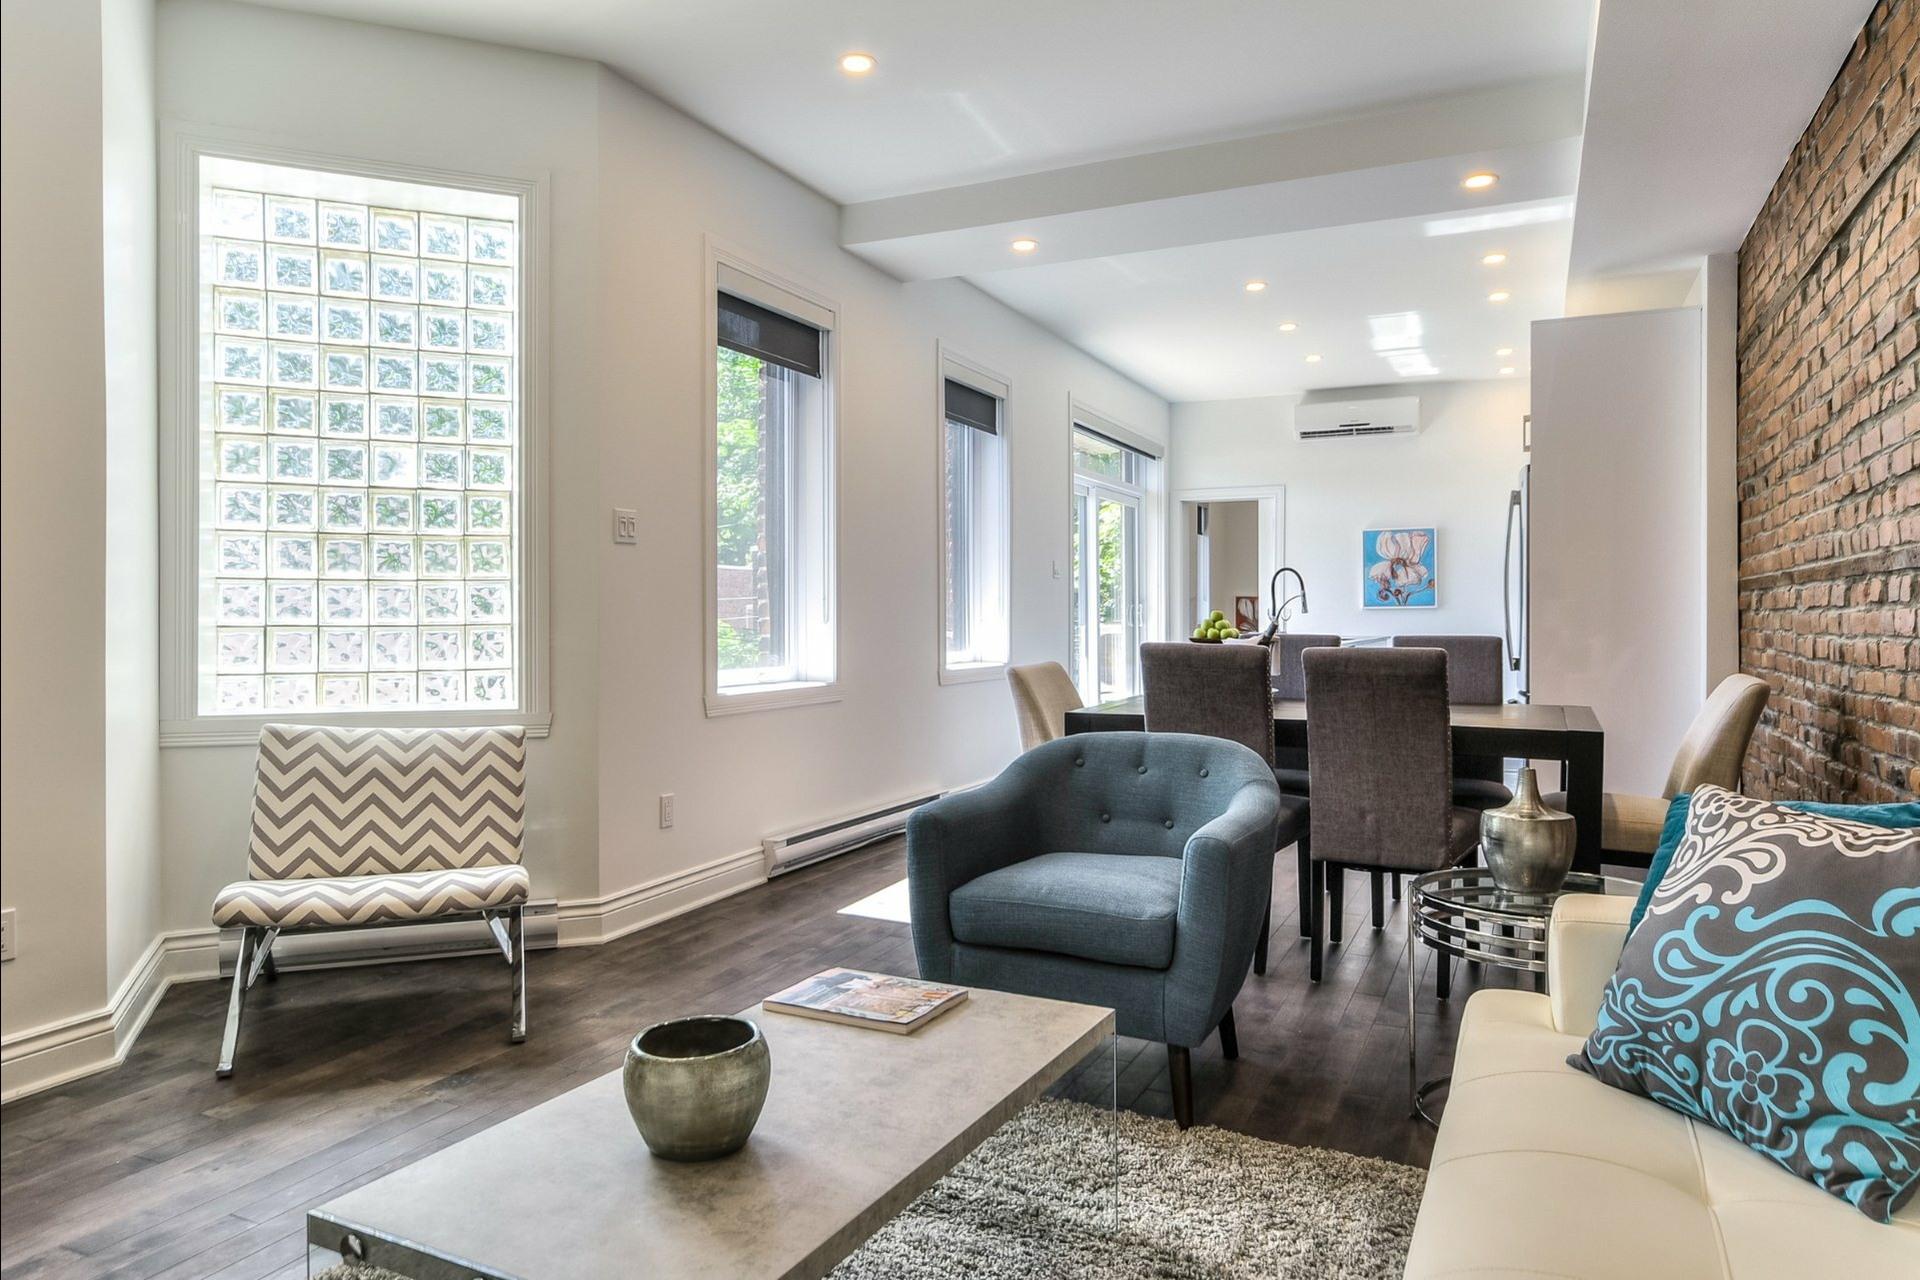 image 8 - Appartement À louer Montréal Le Plateau-Mont-Royal  - 7 pièces